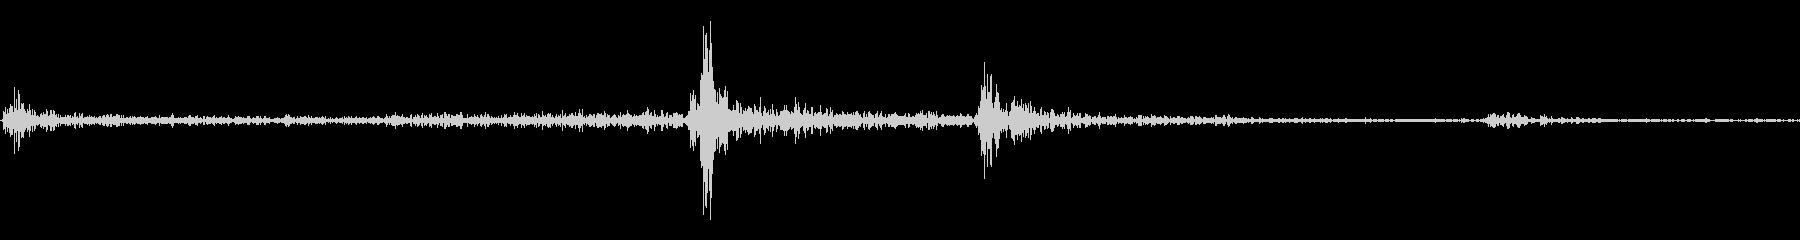 一眼レフのフラッシュが開く音の未再生の波形